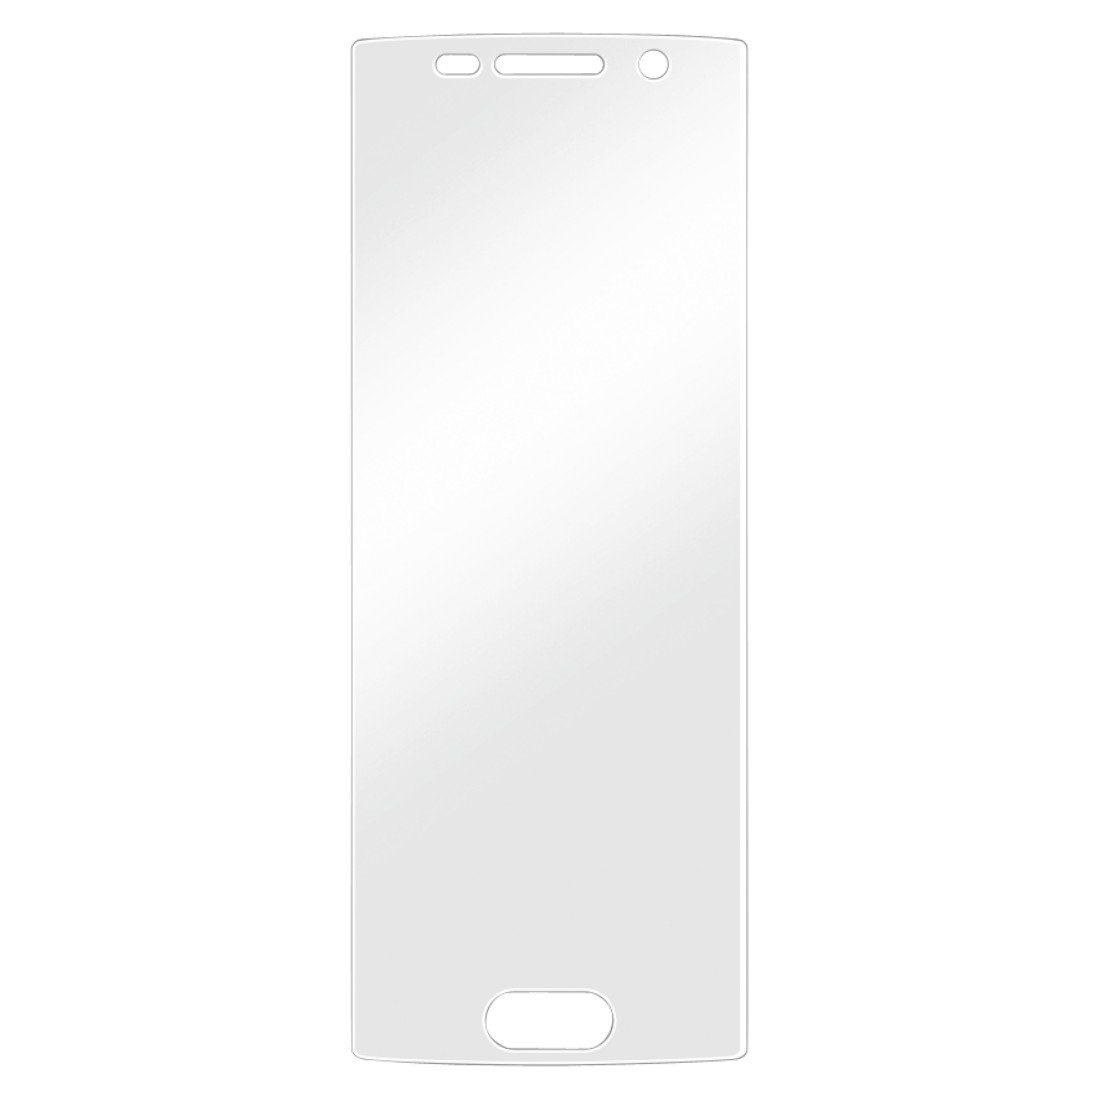 Hama Displayschutzfolie für Samsung Galaxy S6 Edge, 2er Set »Displayschutz Schutzfolie«